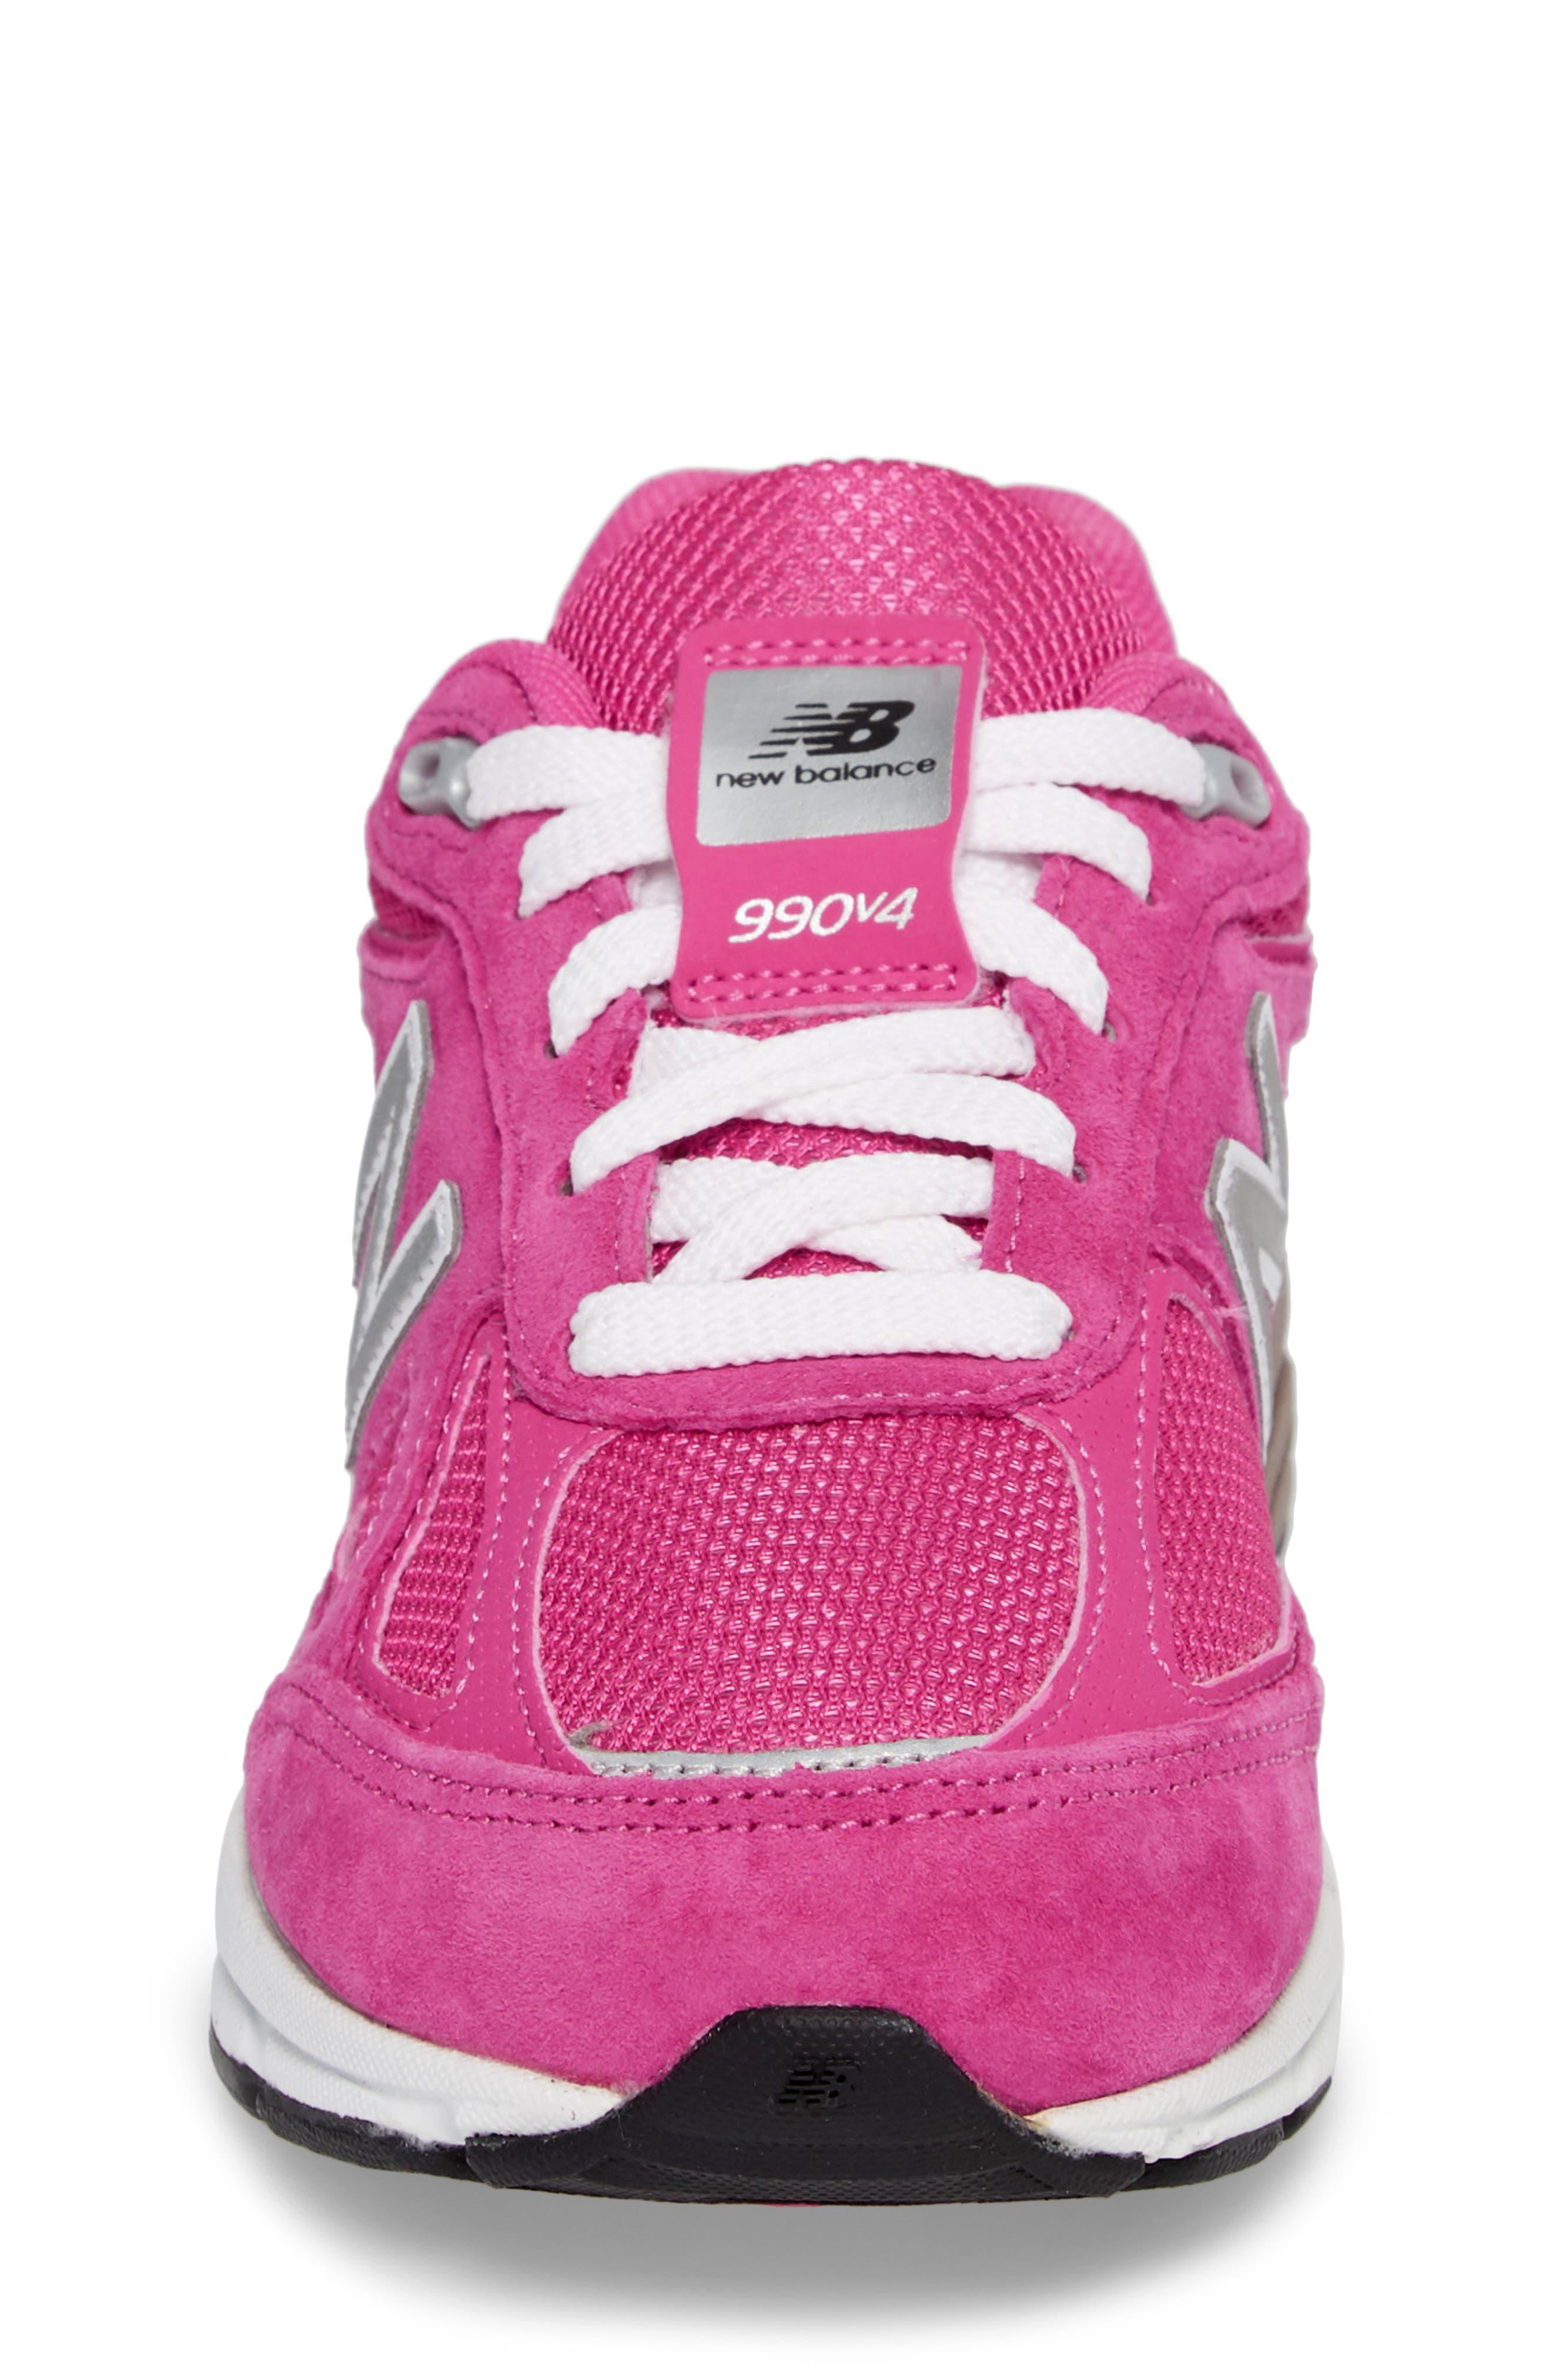 990v4 Sneaker,                             Alternate thumbnail 4, color,                             660